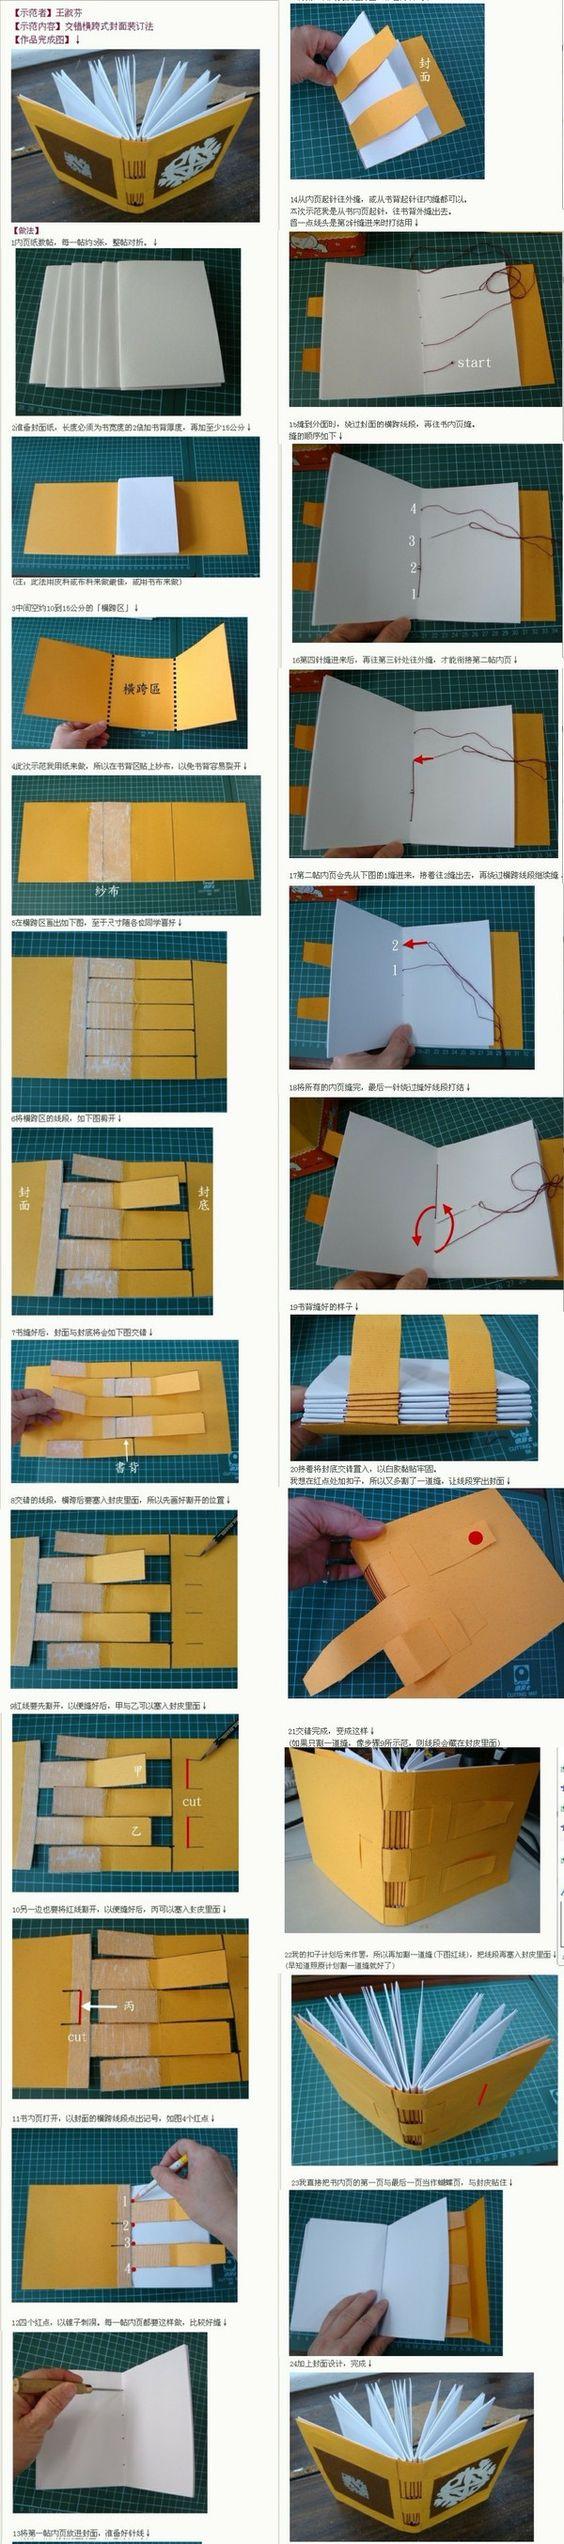 Travel Journal-Art Diary-Eclectic Design| Serafini Amelia| Tutoriel livre à la main en quinconce sur la méthode de reliure